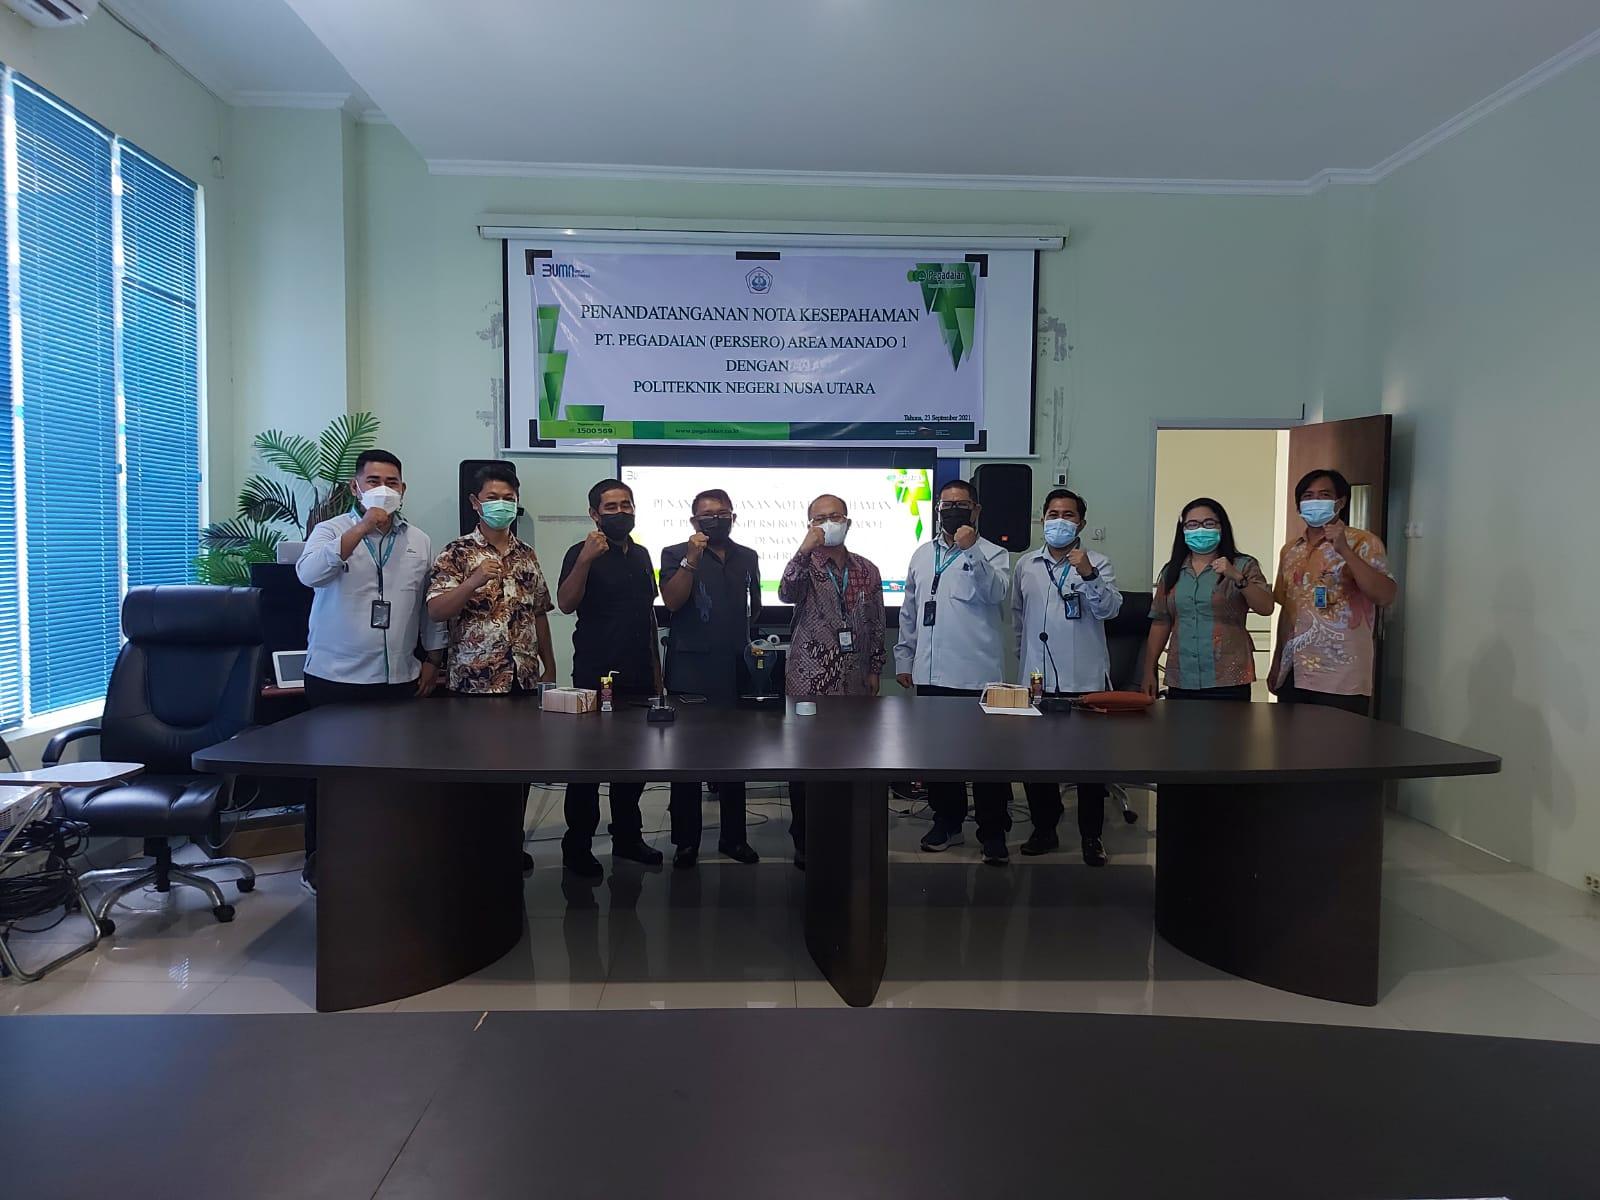 Perjanjian Kerja Sama PT Pegadaian (persero) Kantor Area Manado 1 dengan Politeknik Negeri Nusa Utara